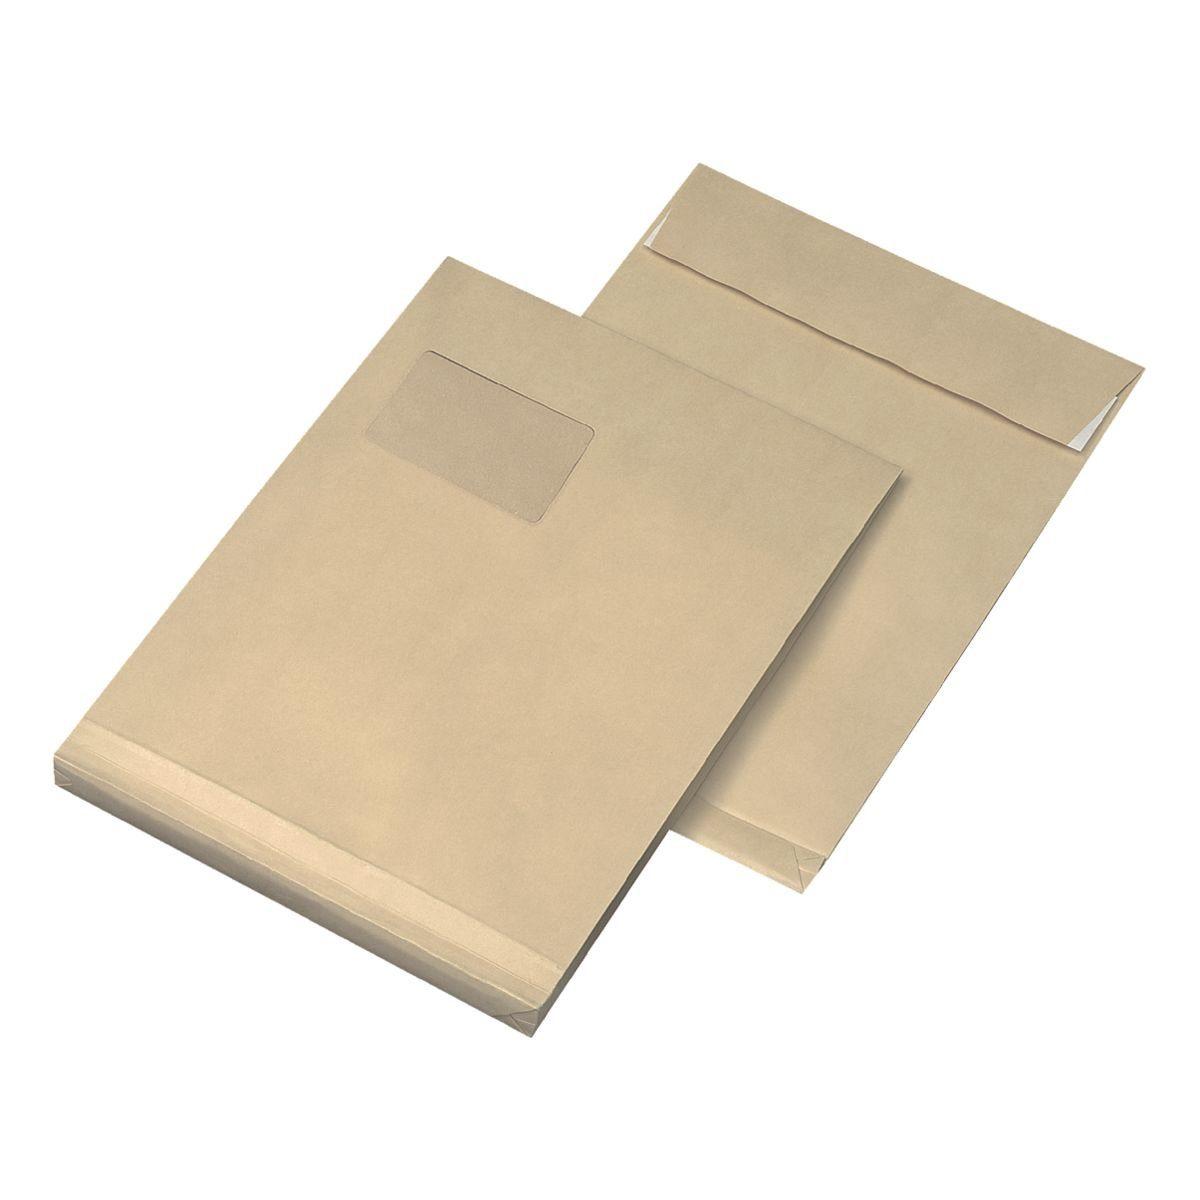 Mailmedia Faltentaschen mit Steh-/Klotzboden